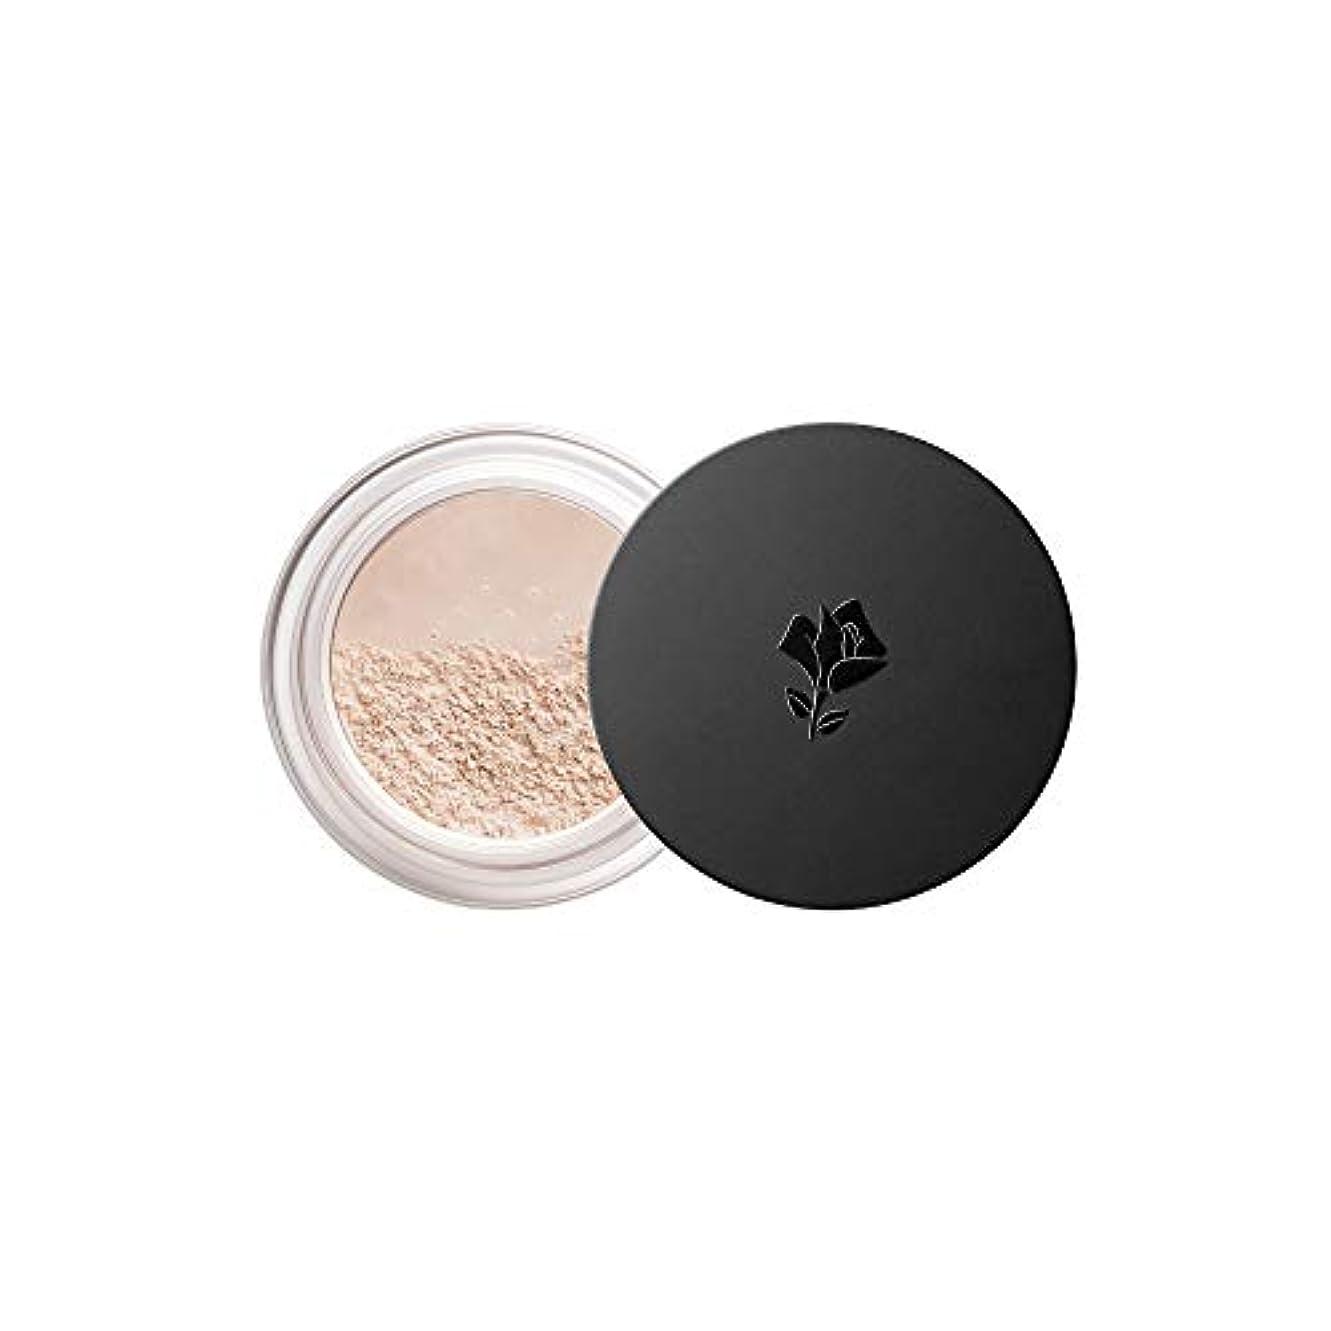 スポット誓い限界ランコム Long Time No Shine Loose Setting & Mattifying Powder - # Translucent 15g/0.52oz並行輸入品